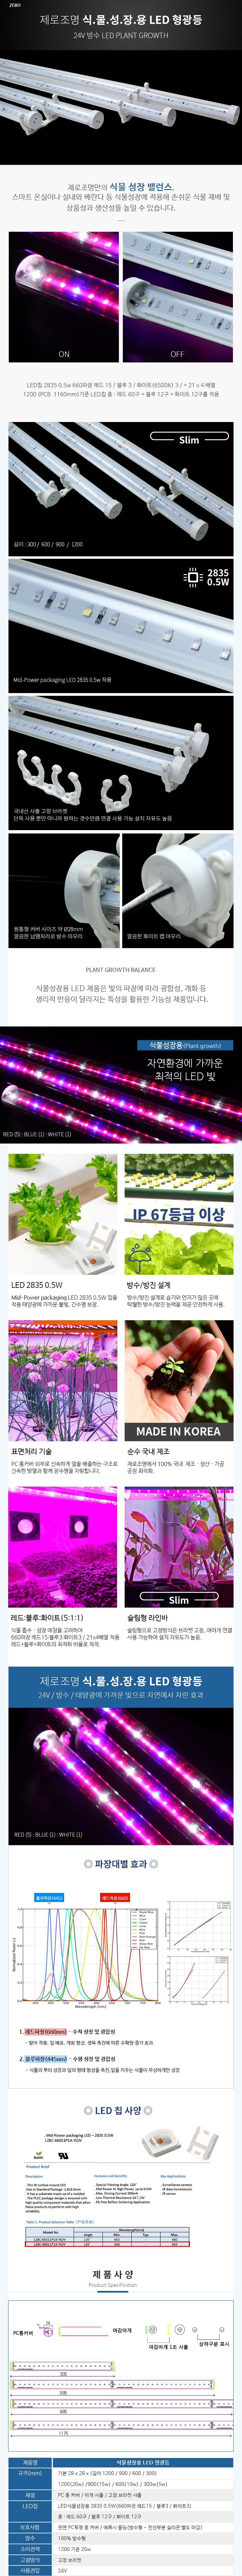 제로조명 식물성장용 LED형광등